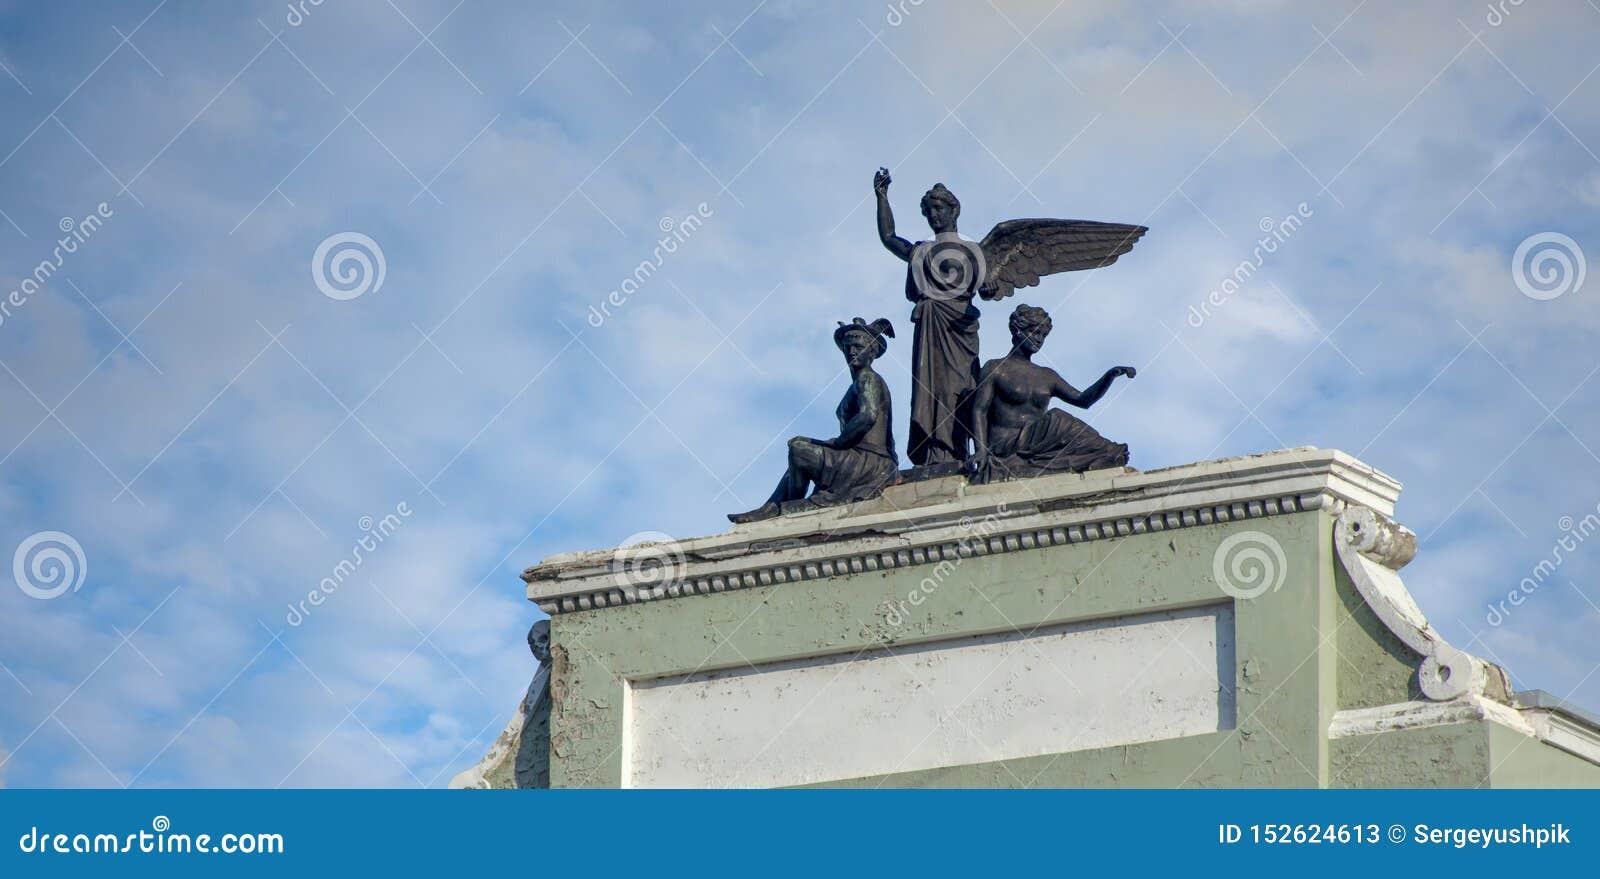 Khabarovsk Grupo escultural no telhado dos 1906-1908 anos de construção de construção